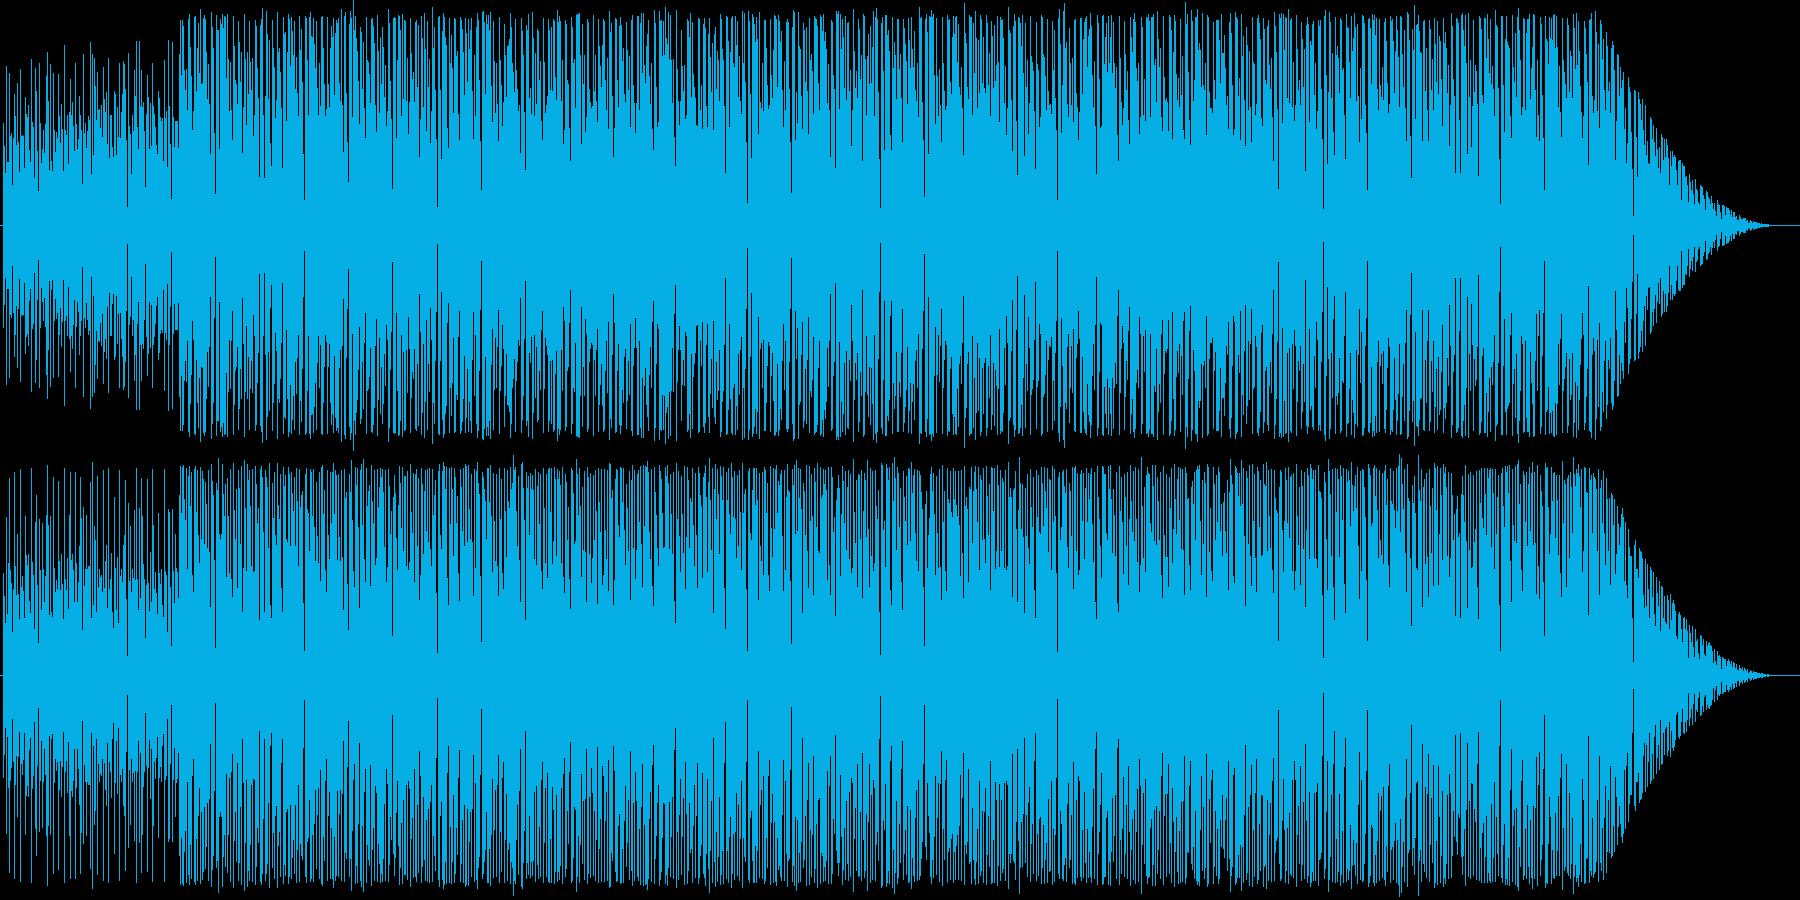 古めのハウス系インスト曲2の再生済みの波形